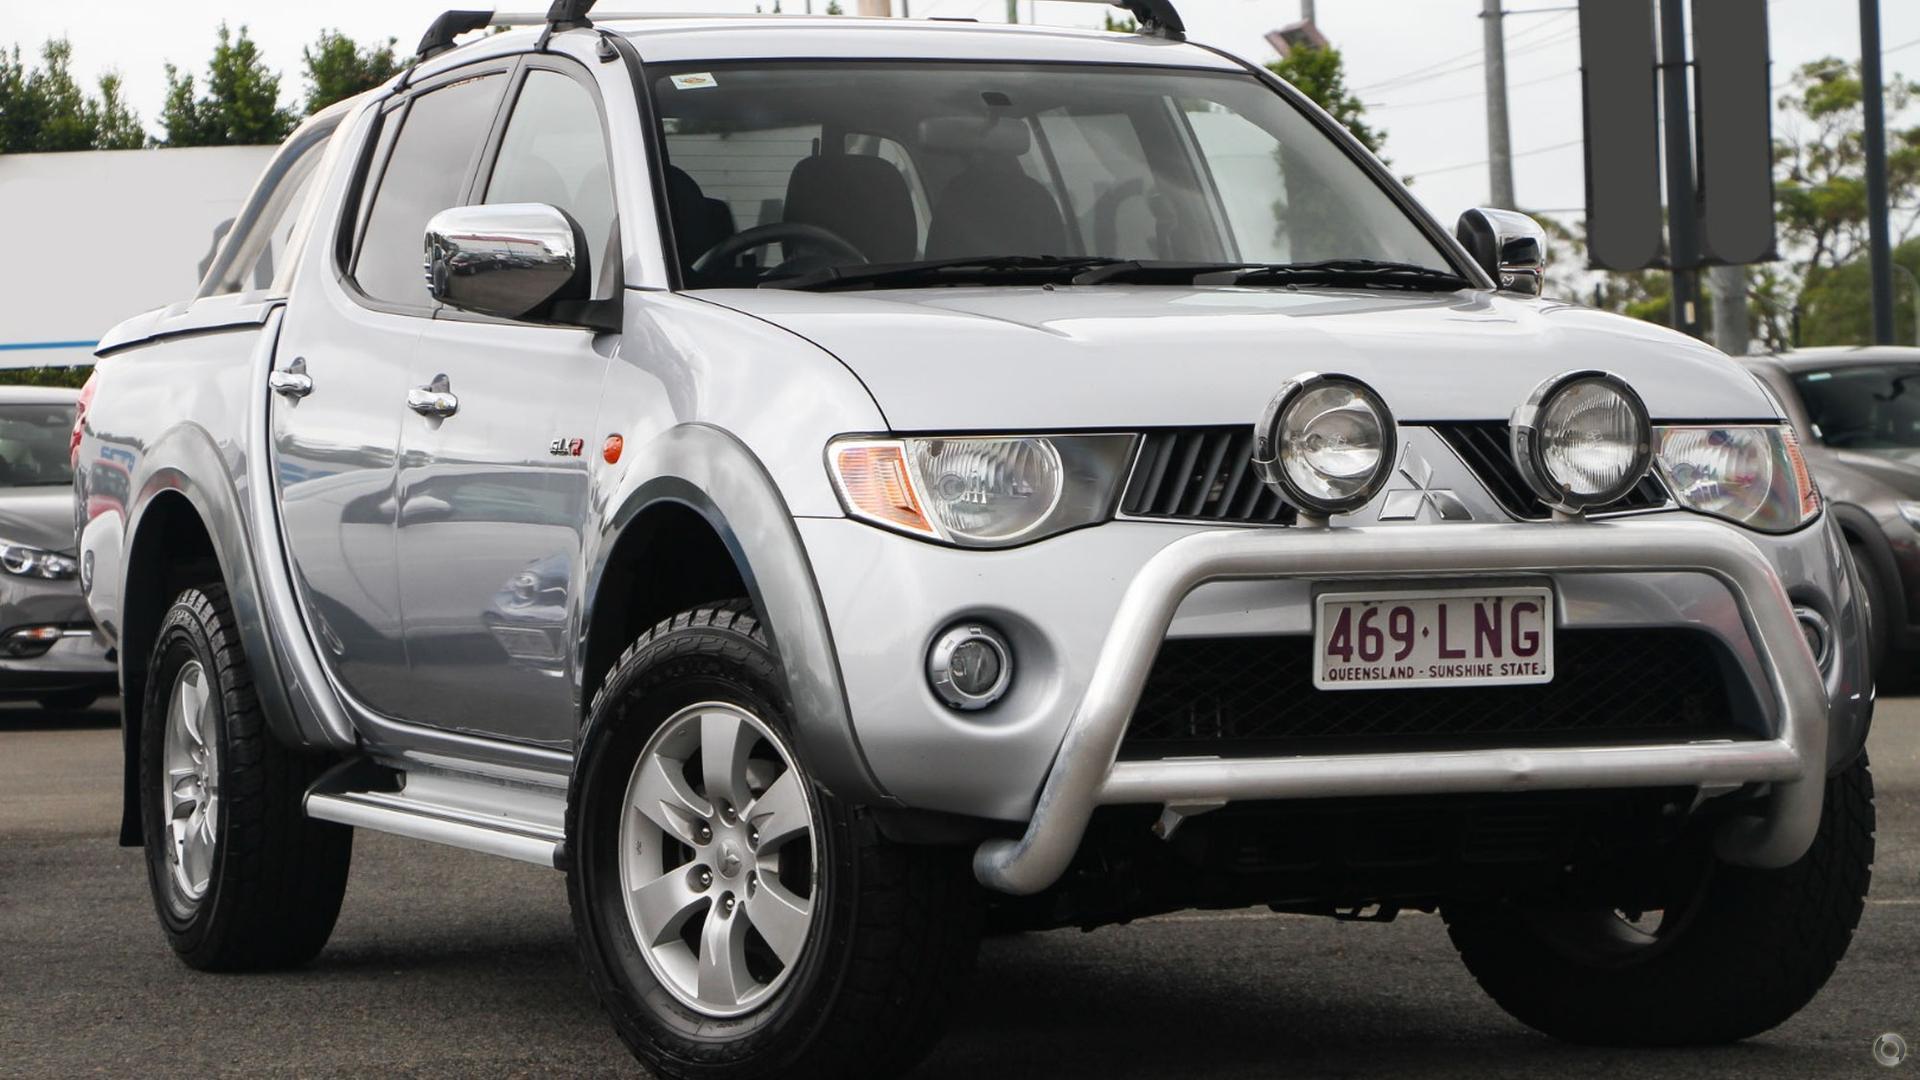 2008 Mitsubishi Triton Glx-r